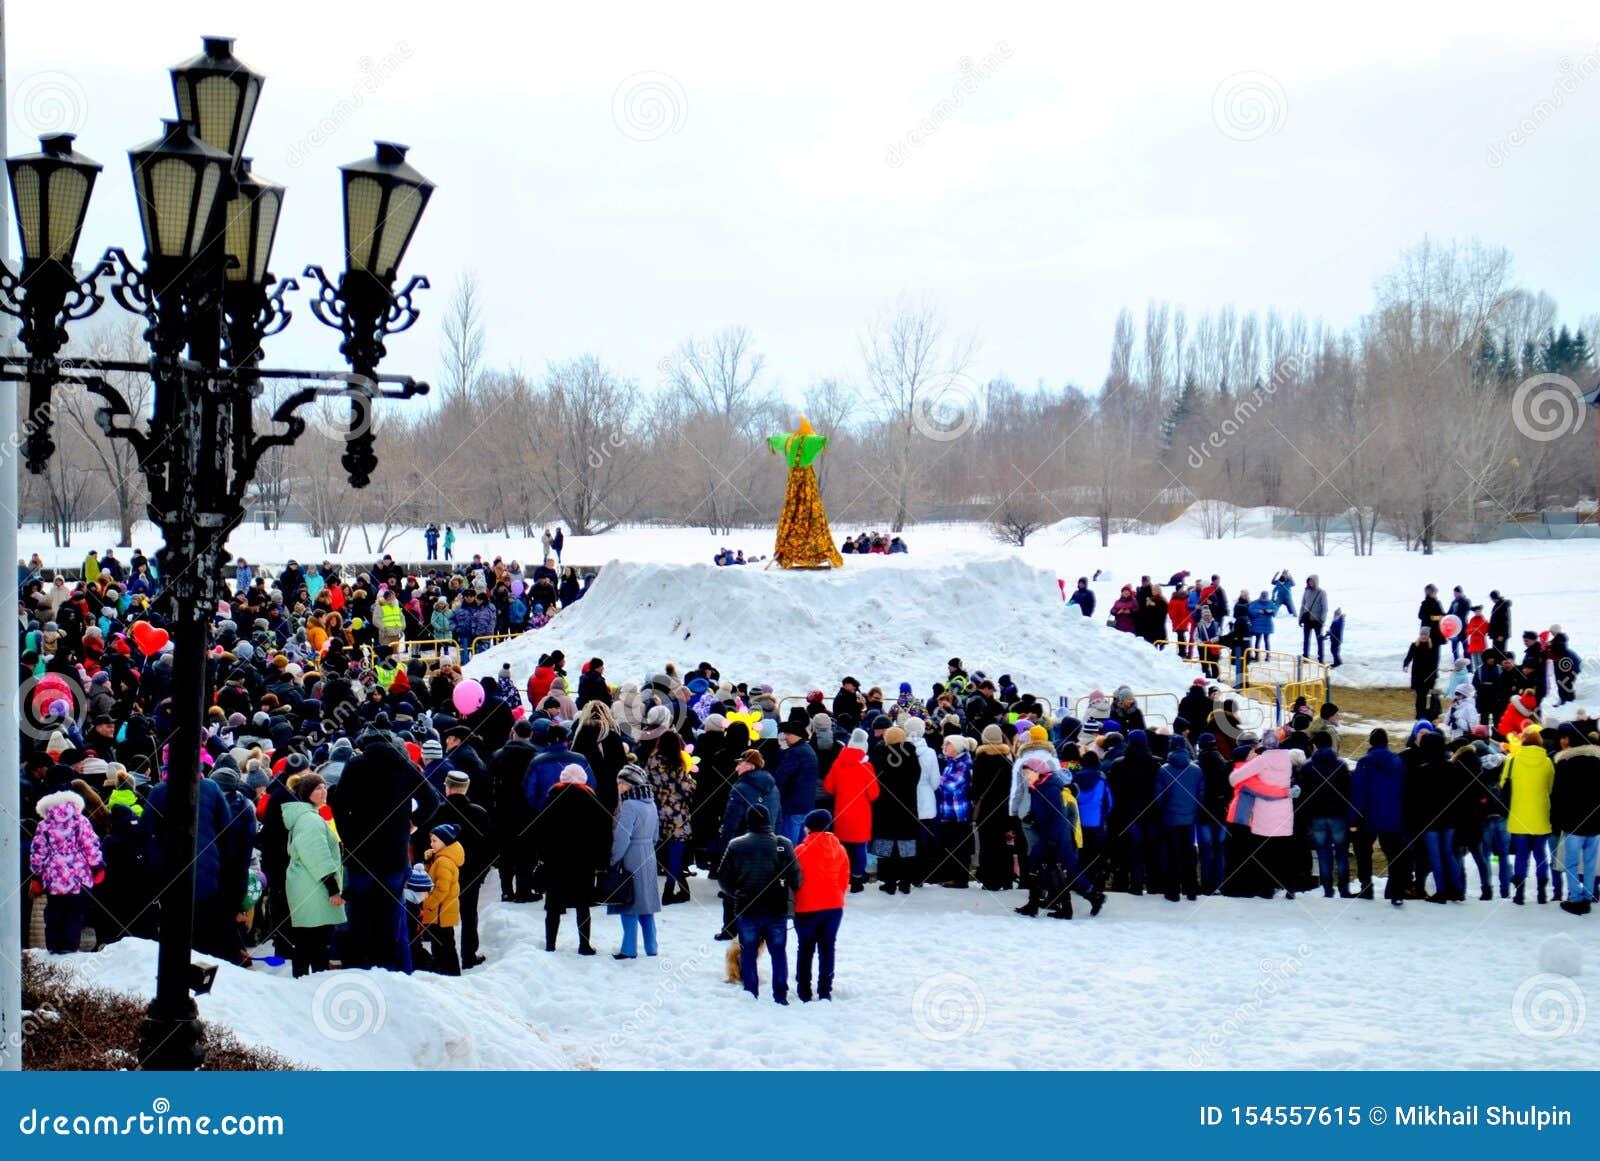 Celebration of Maslenitsa: people are waiting for the moment of burning stuffed Maslenitsa.